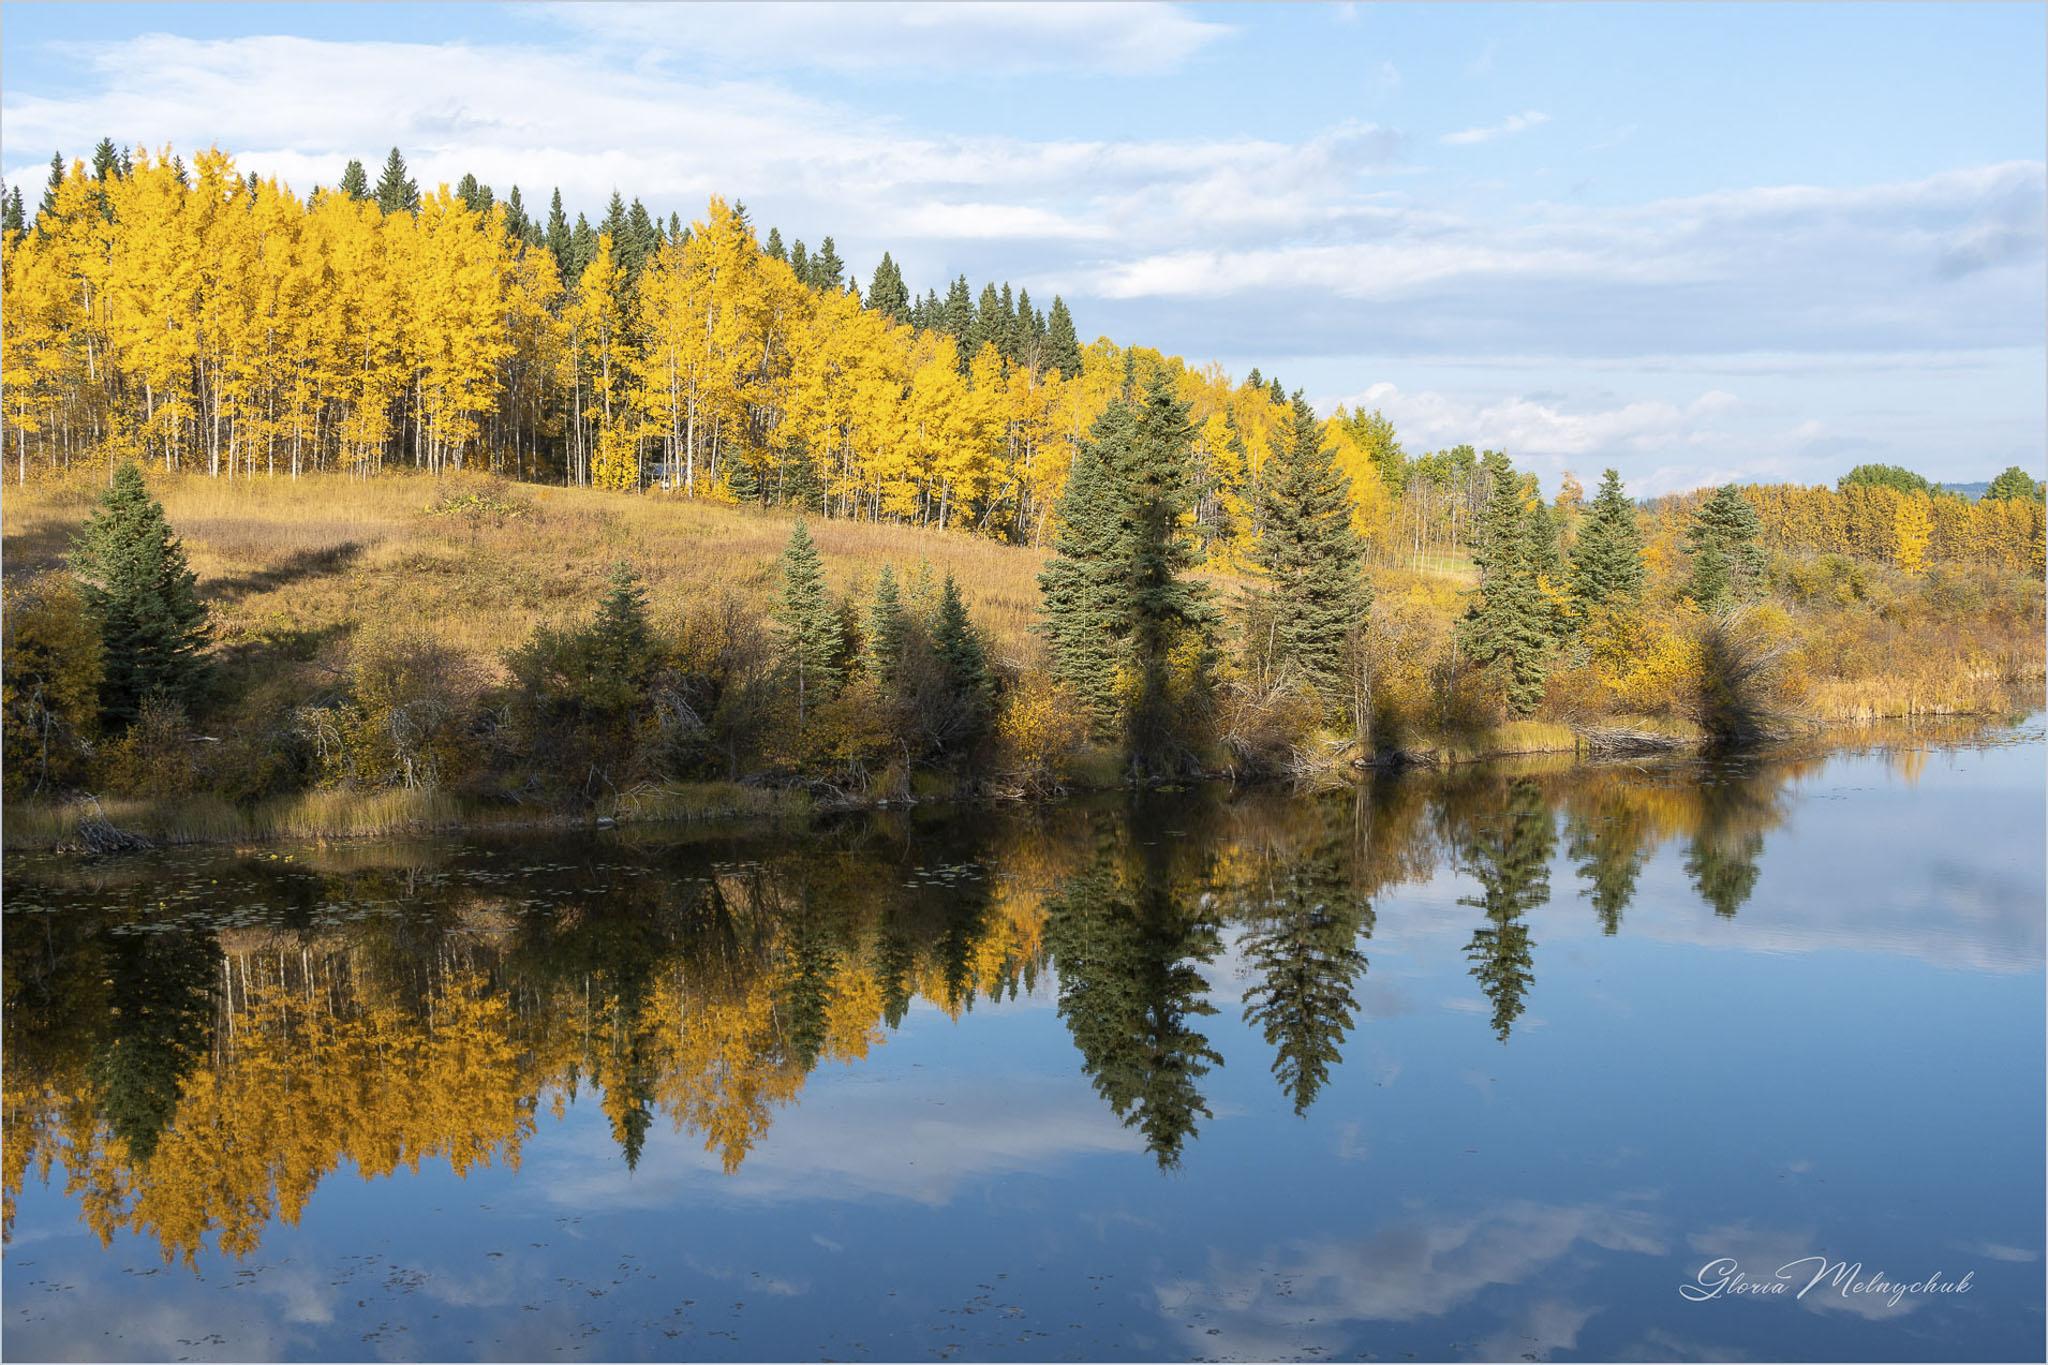 Upper Stack Lake 3156 - Gloria Melnychuk